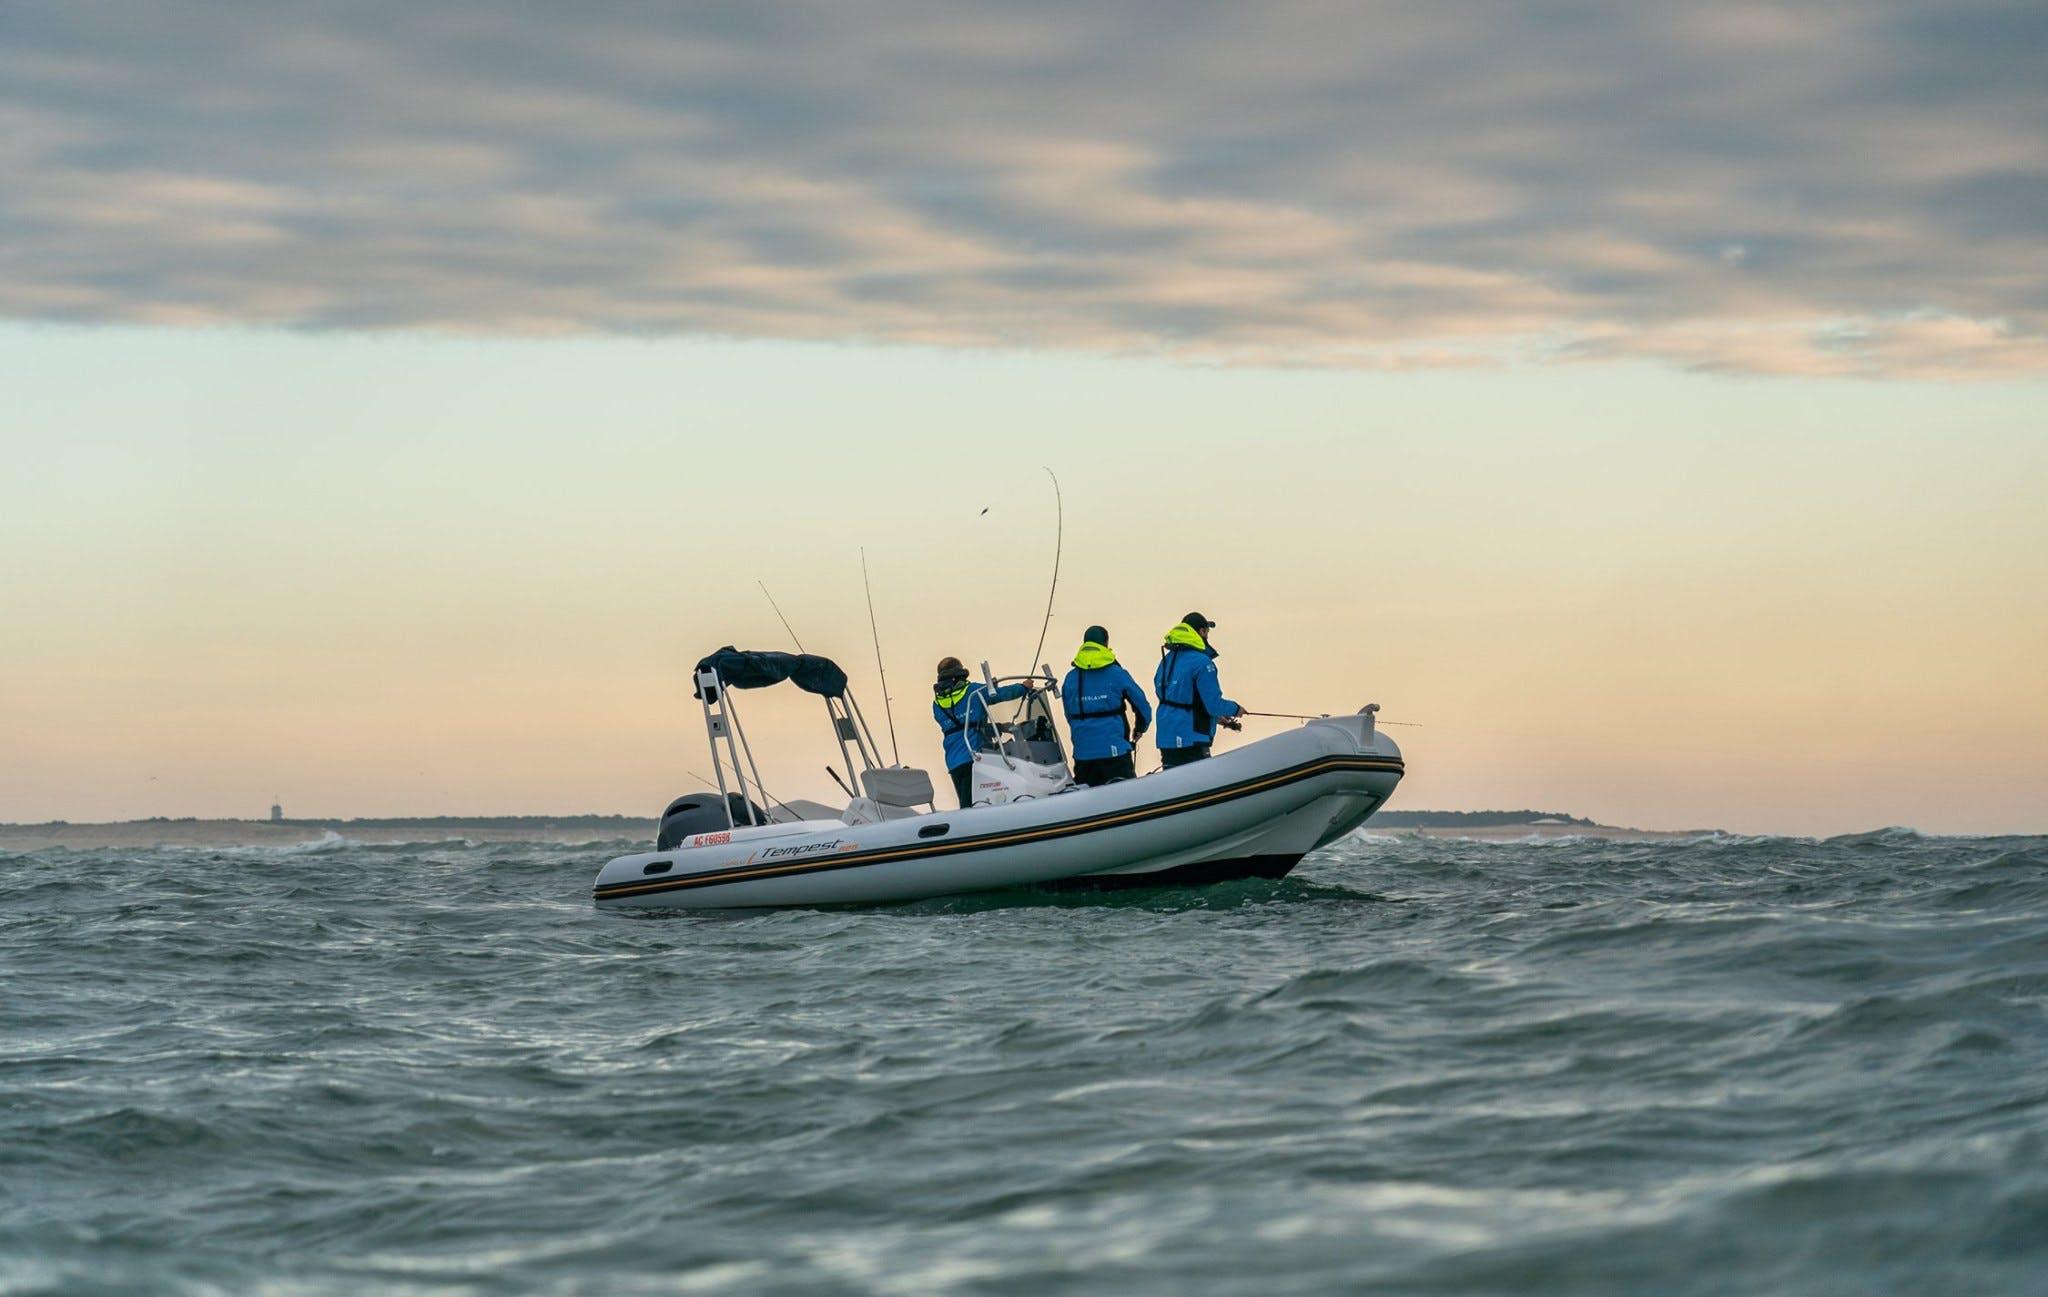 Caperlan SW, la marque pêche en mer du groupe Decathlon